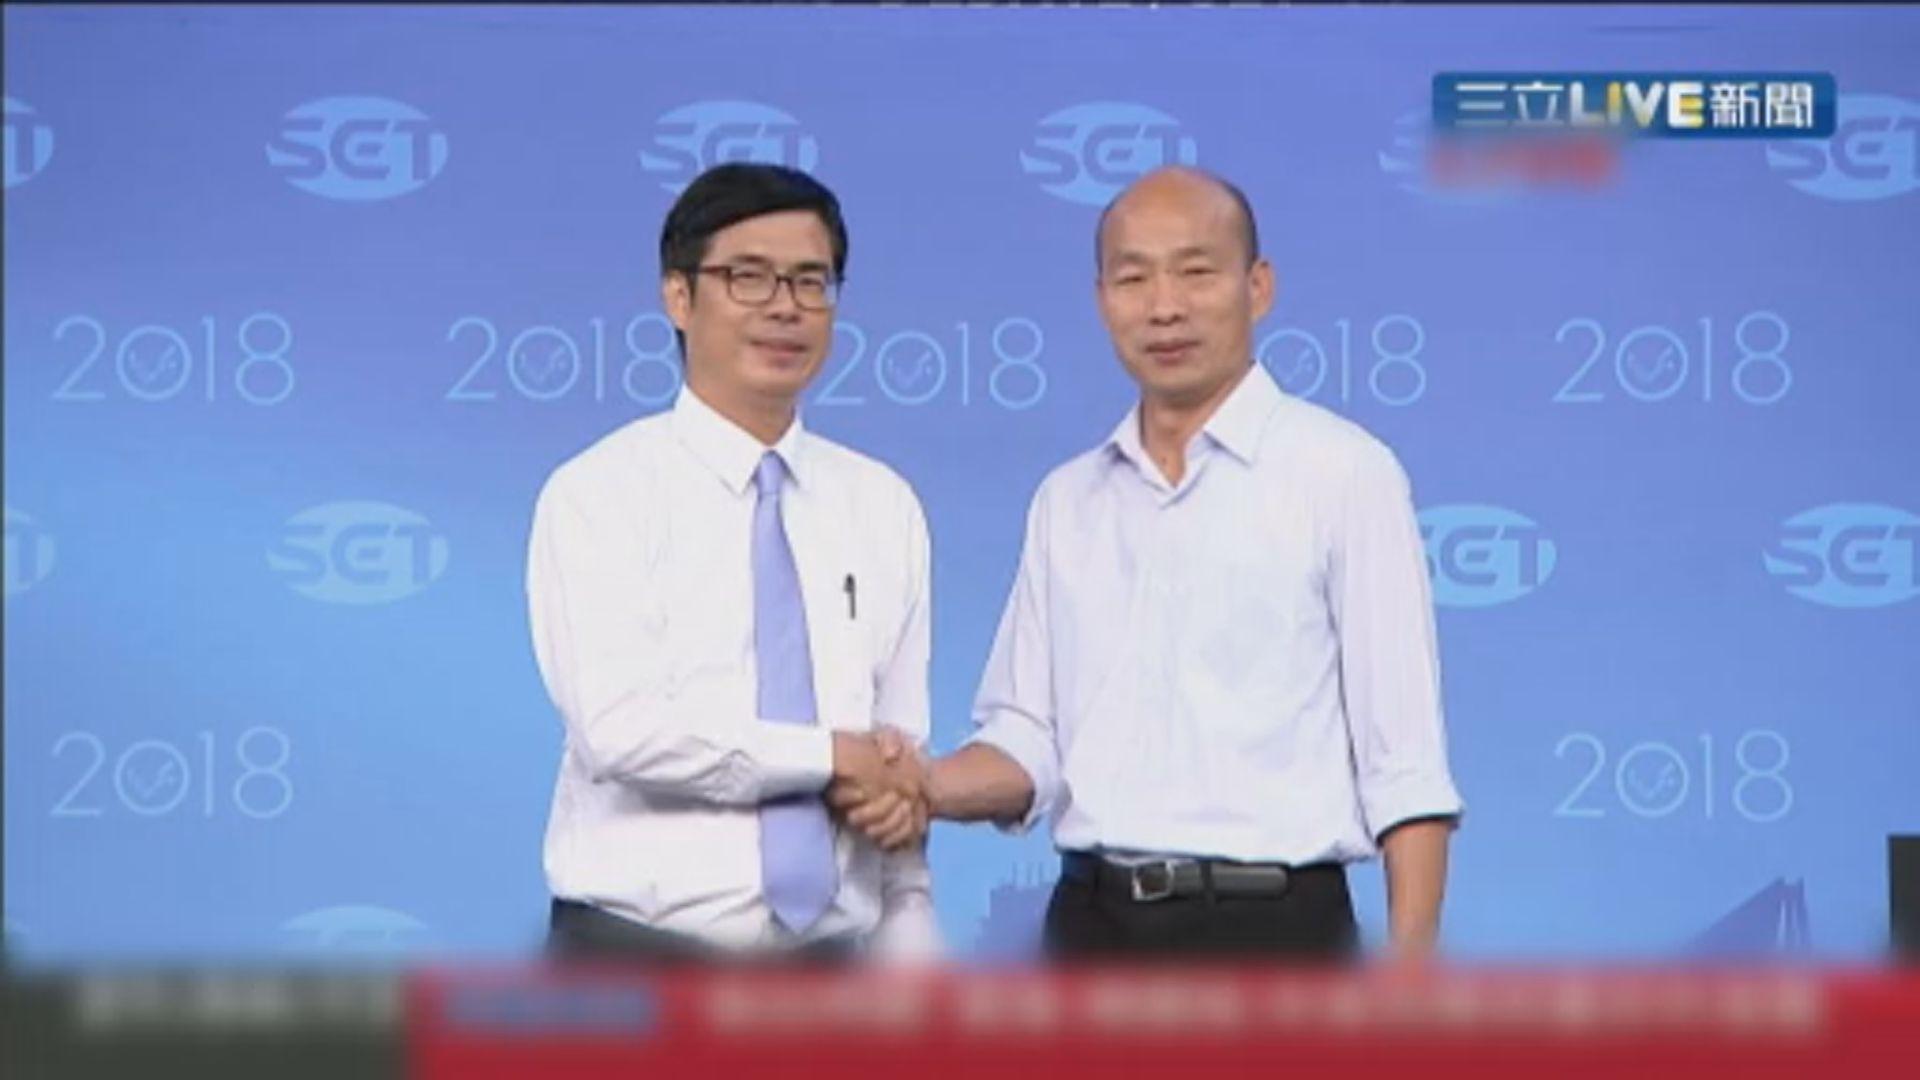 高雄市長候選人電視辯論 兩人互相提問